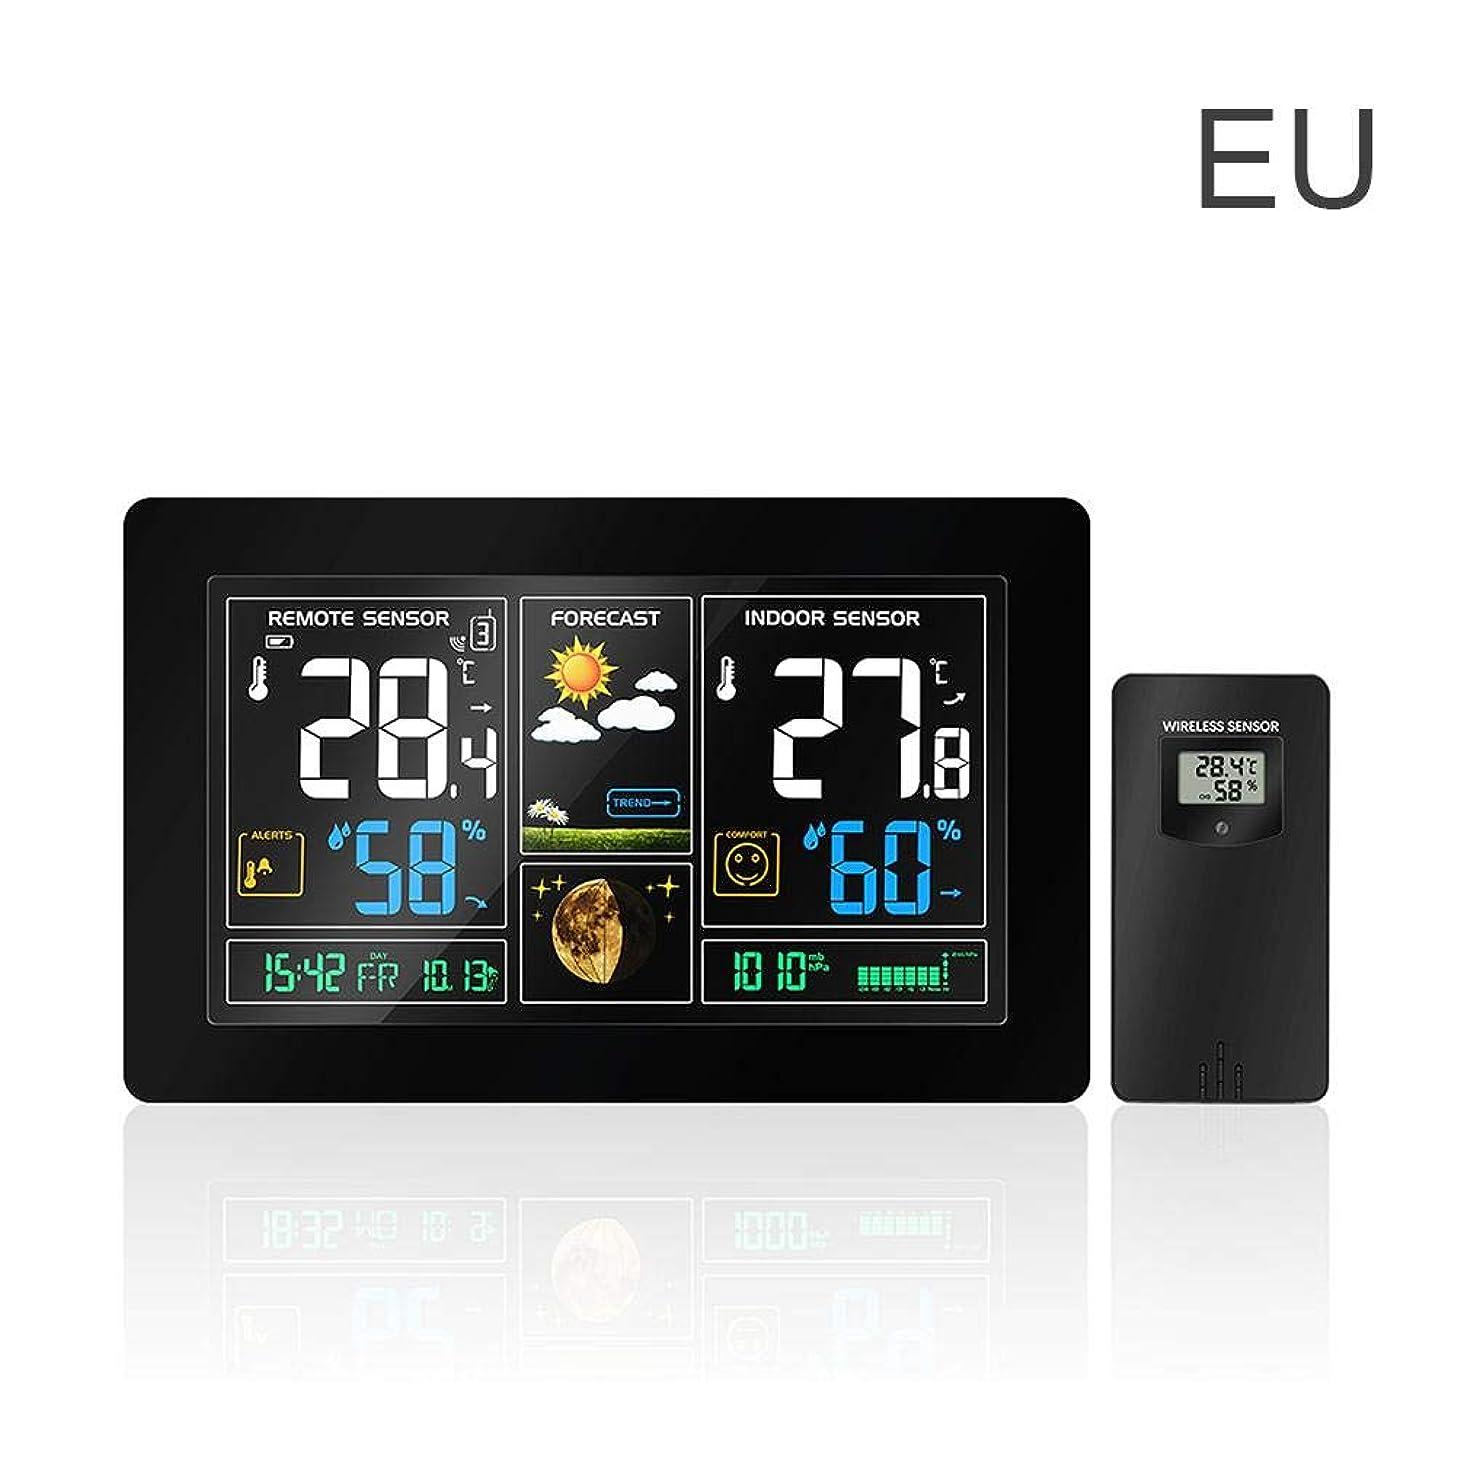 突き出す拘束する村多機能時計、カラー大画面ワイヤレスラジオ多機能電子アラーム温度湿度カレンダーカラー大画面天気